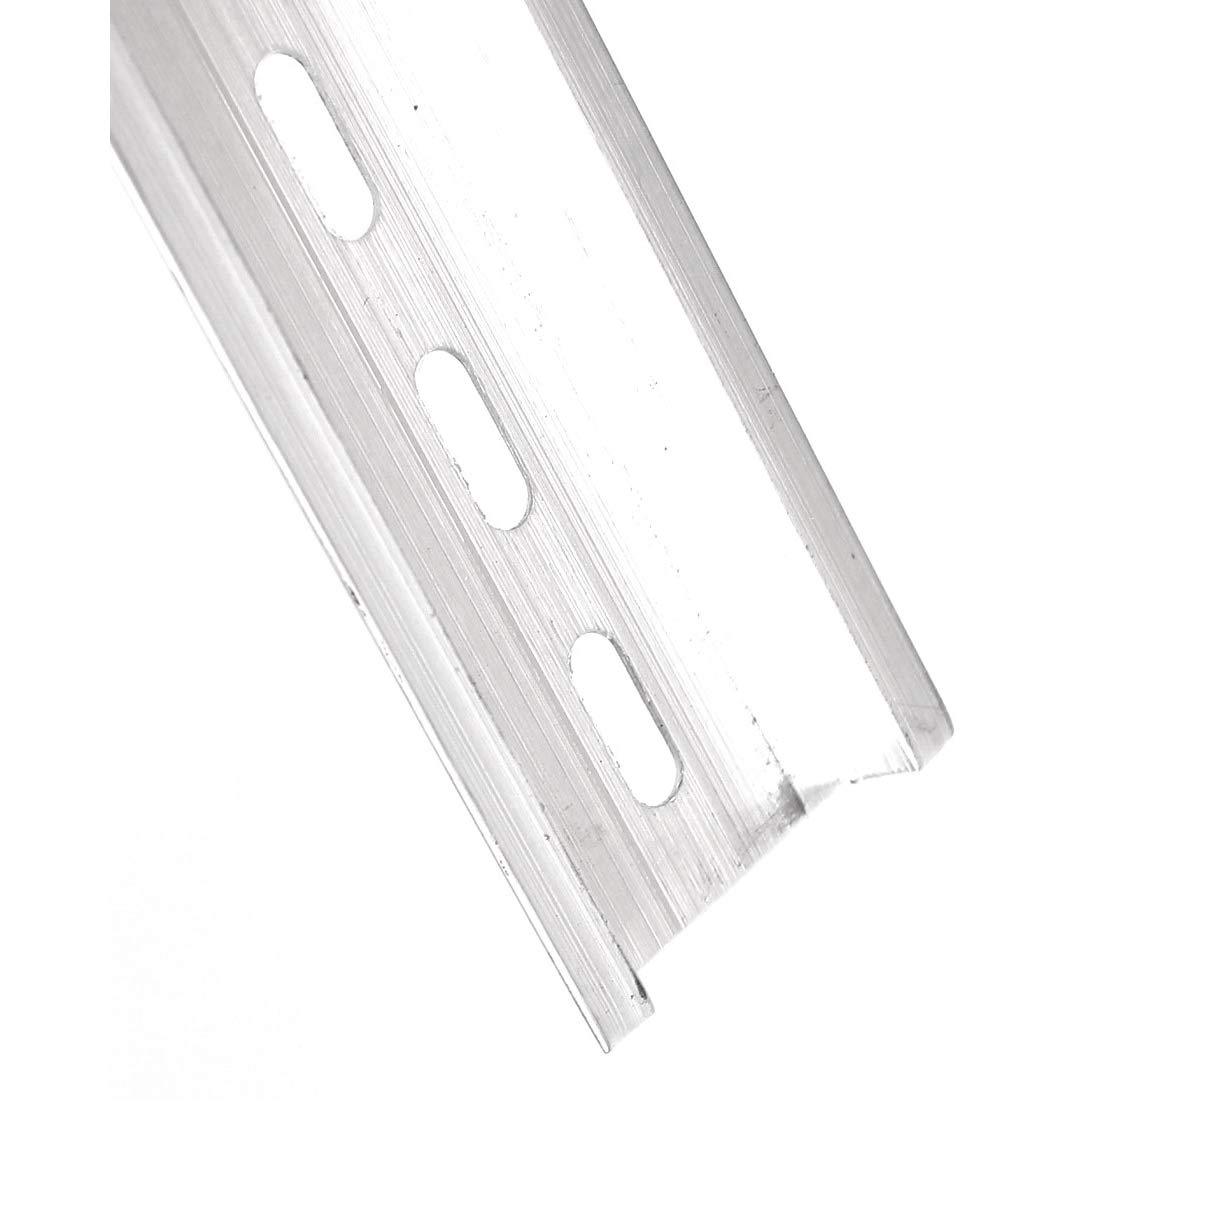 Aexit Metal U-Groove coulisses tiroir Rail DIN /à ton argent 25cm 5pcs 404S359